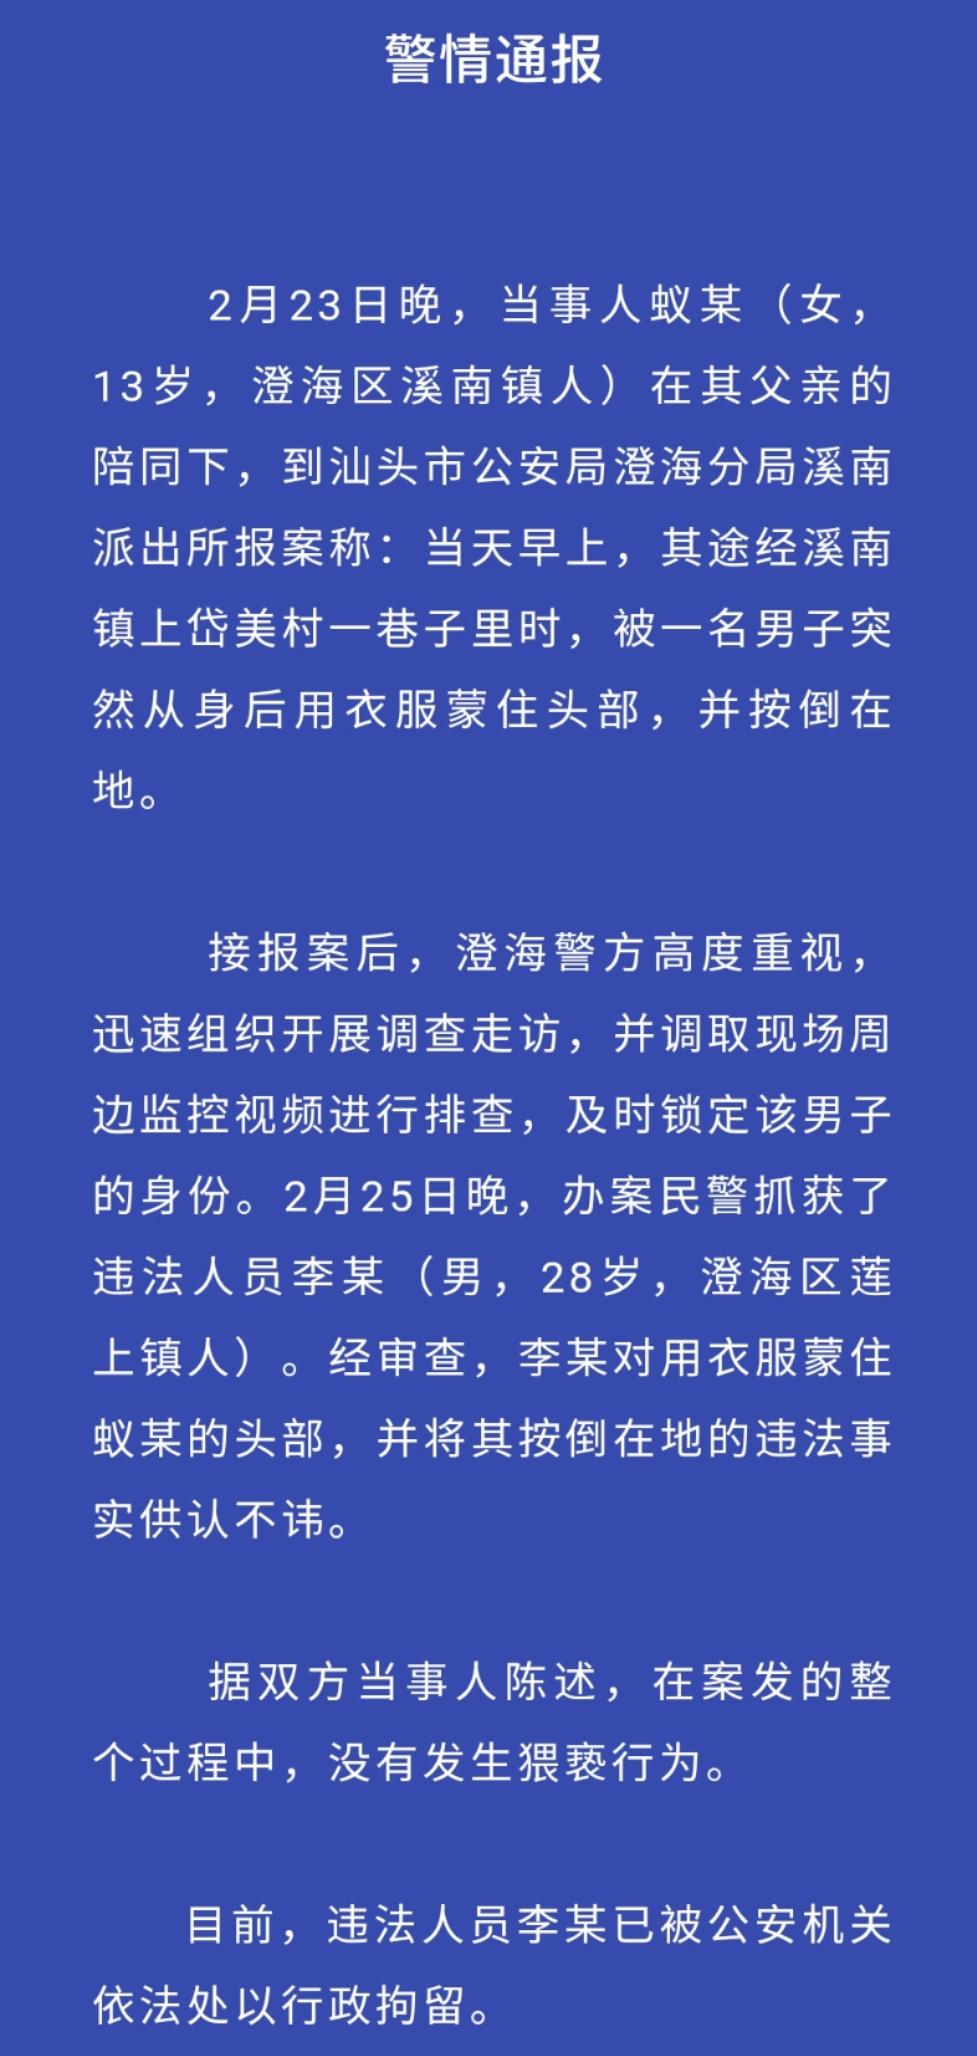 """汕头市公安局澄海分局发布的警情通报。 微信公众号""""澄海公安"""" 图"""